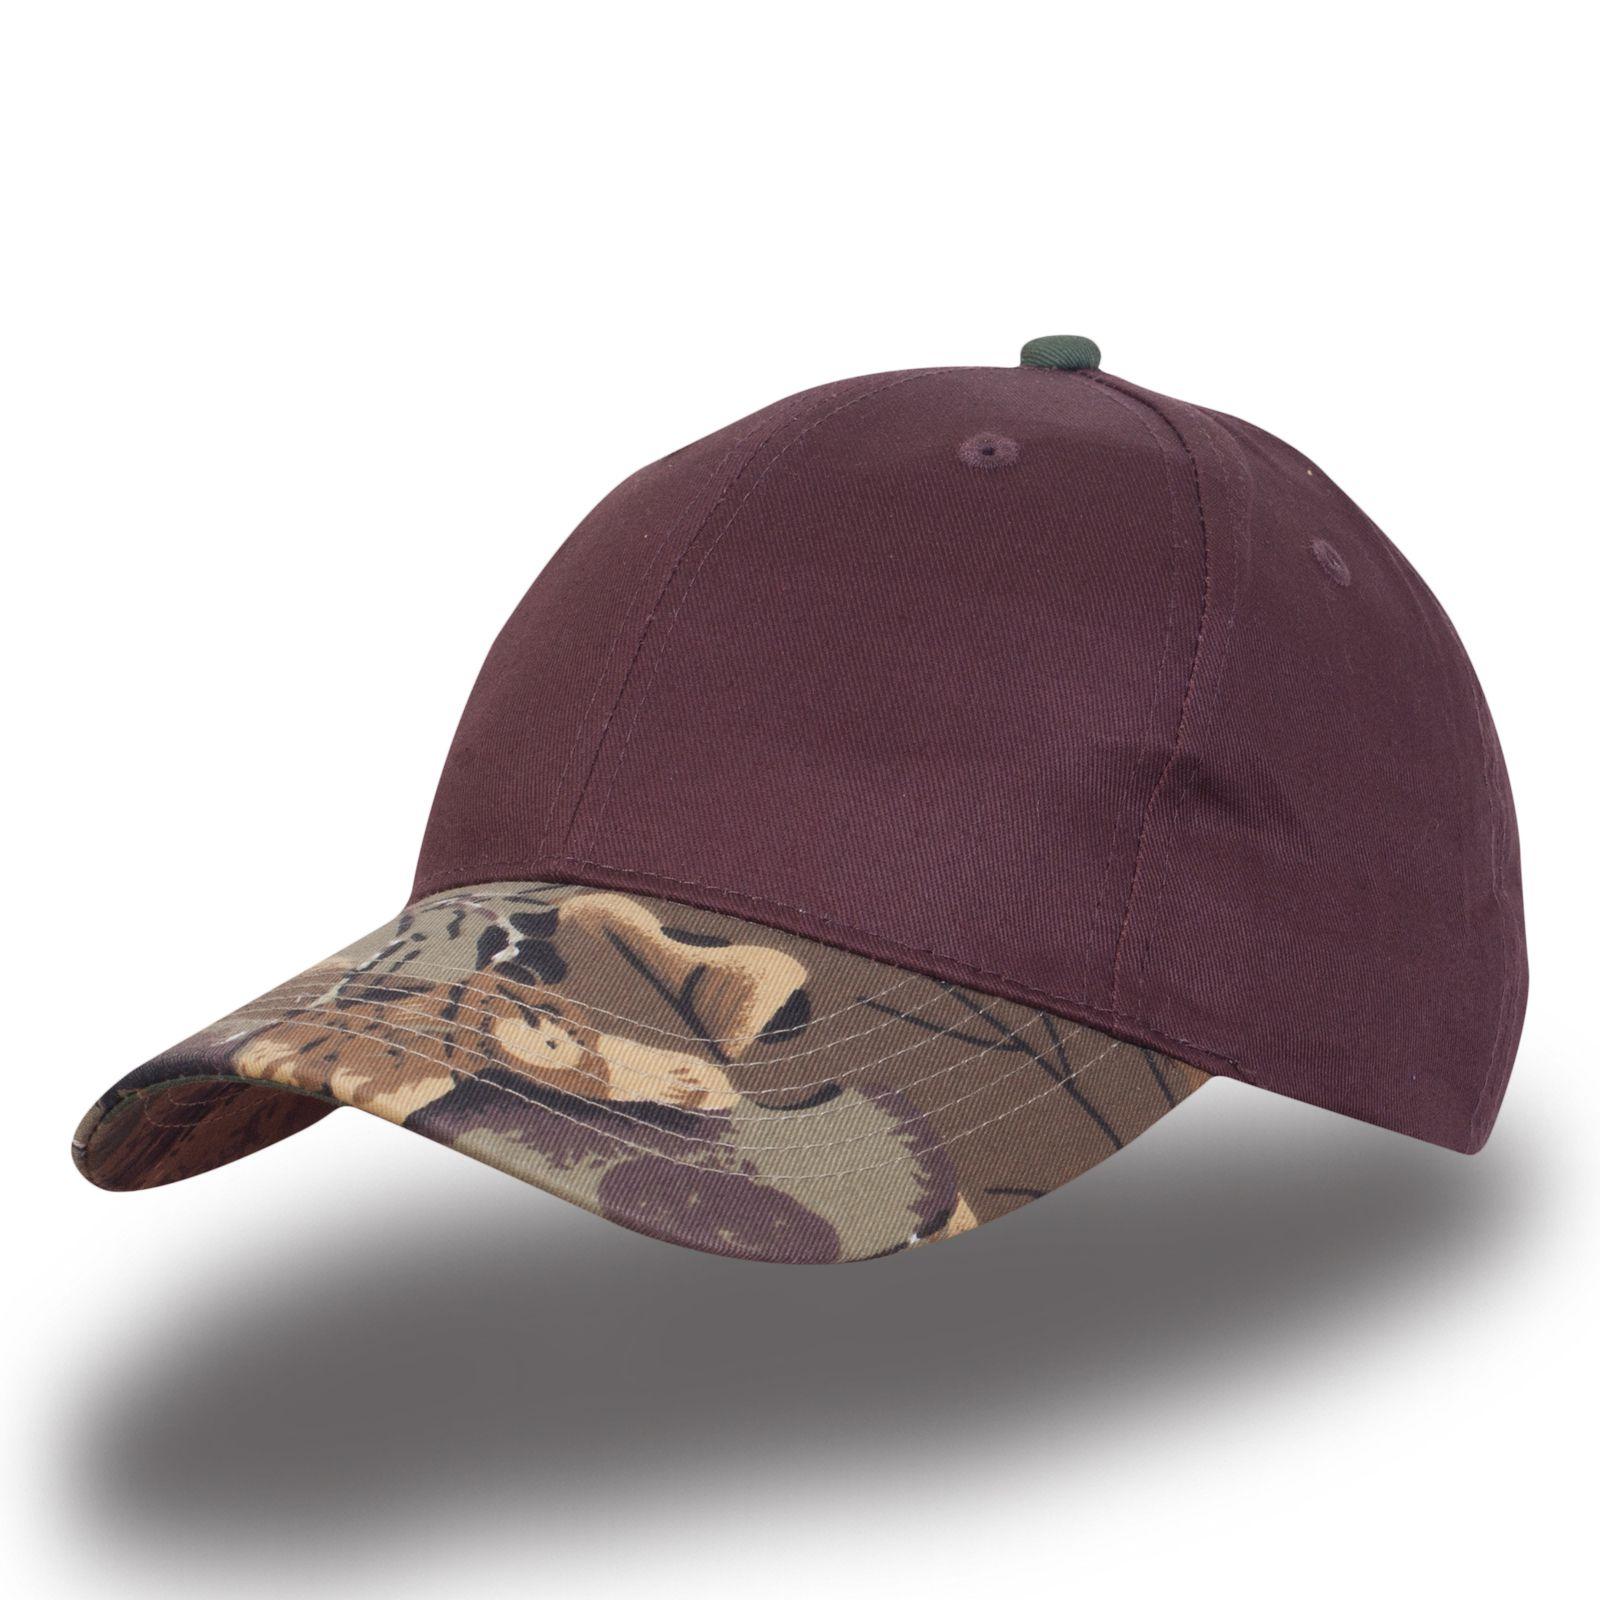 Камуфляжная кепка - купить в интернет-магазине с доставкой